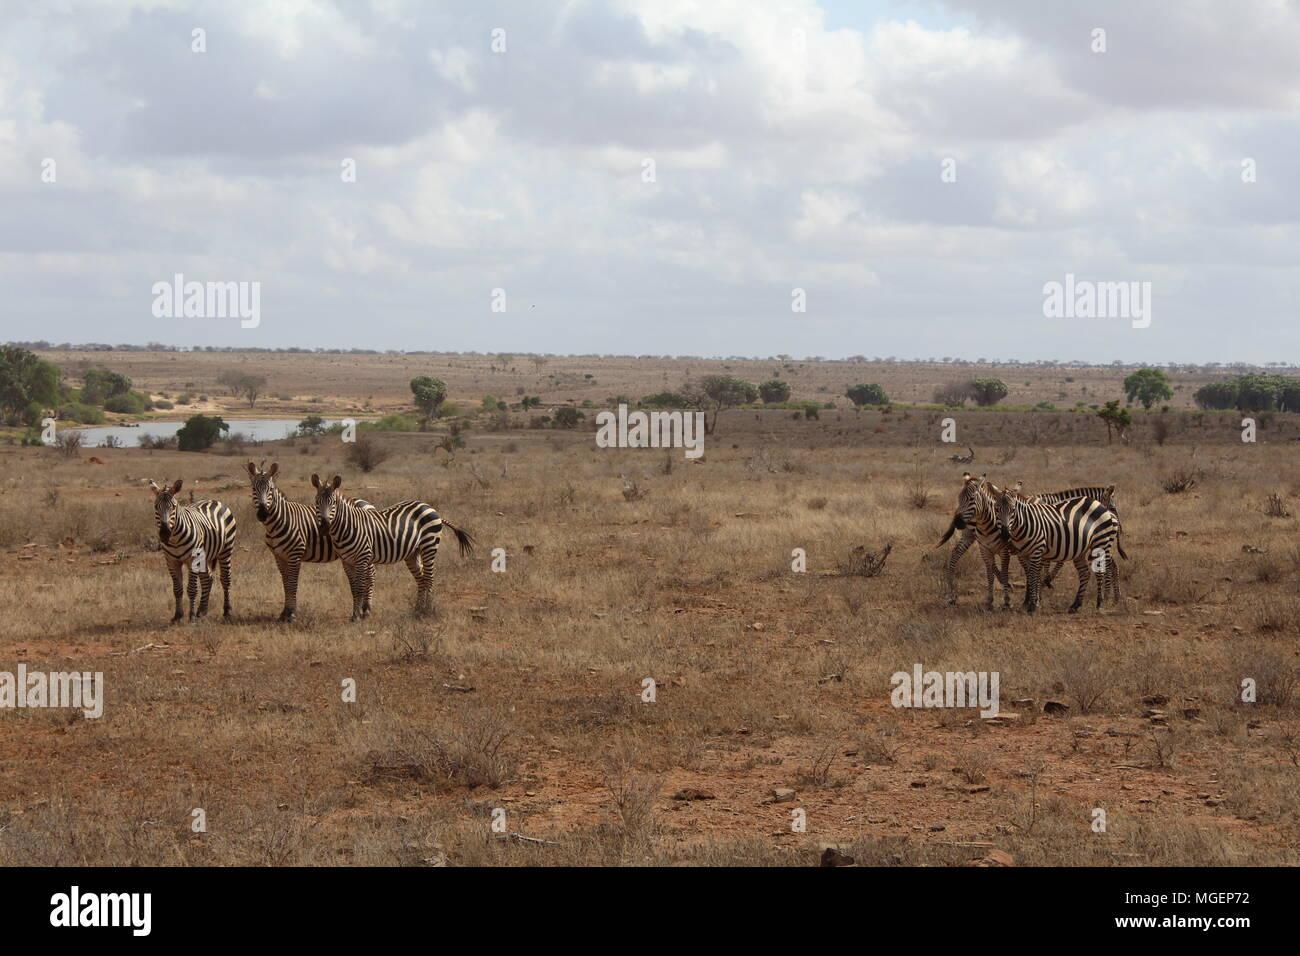 Una manada de cebras está deambulando en medio de la sabana mirando el lente, los colores del Sava están tendiendo al amarillo, mientras que en el cielo ascenso WH Foto de stock